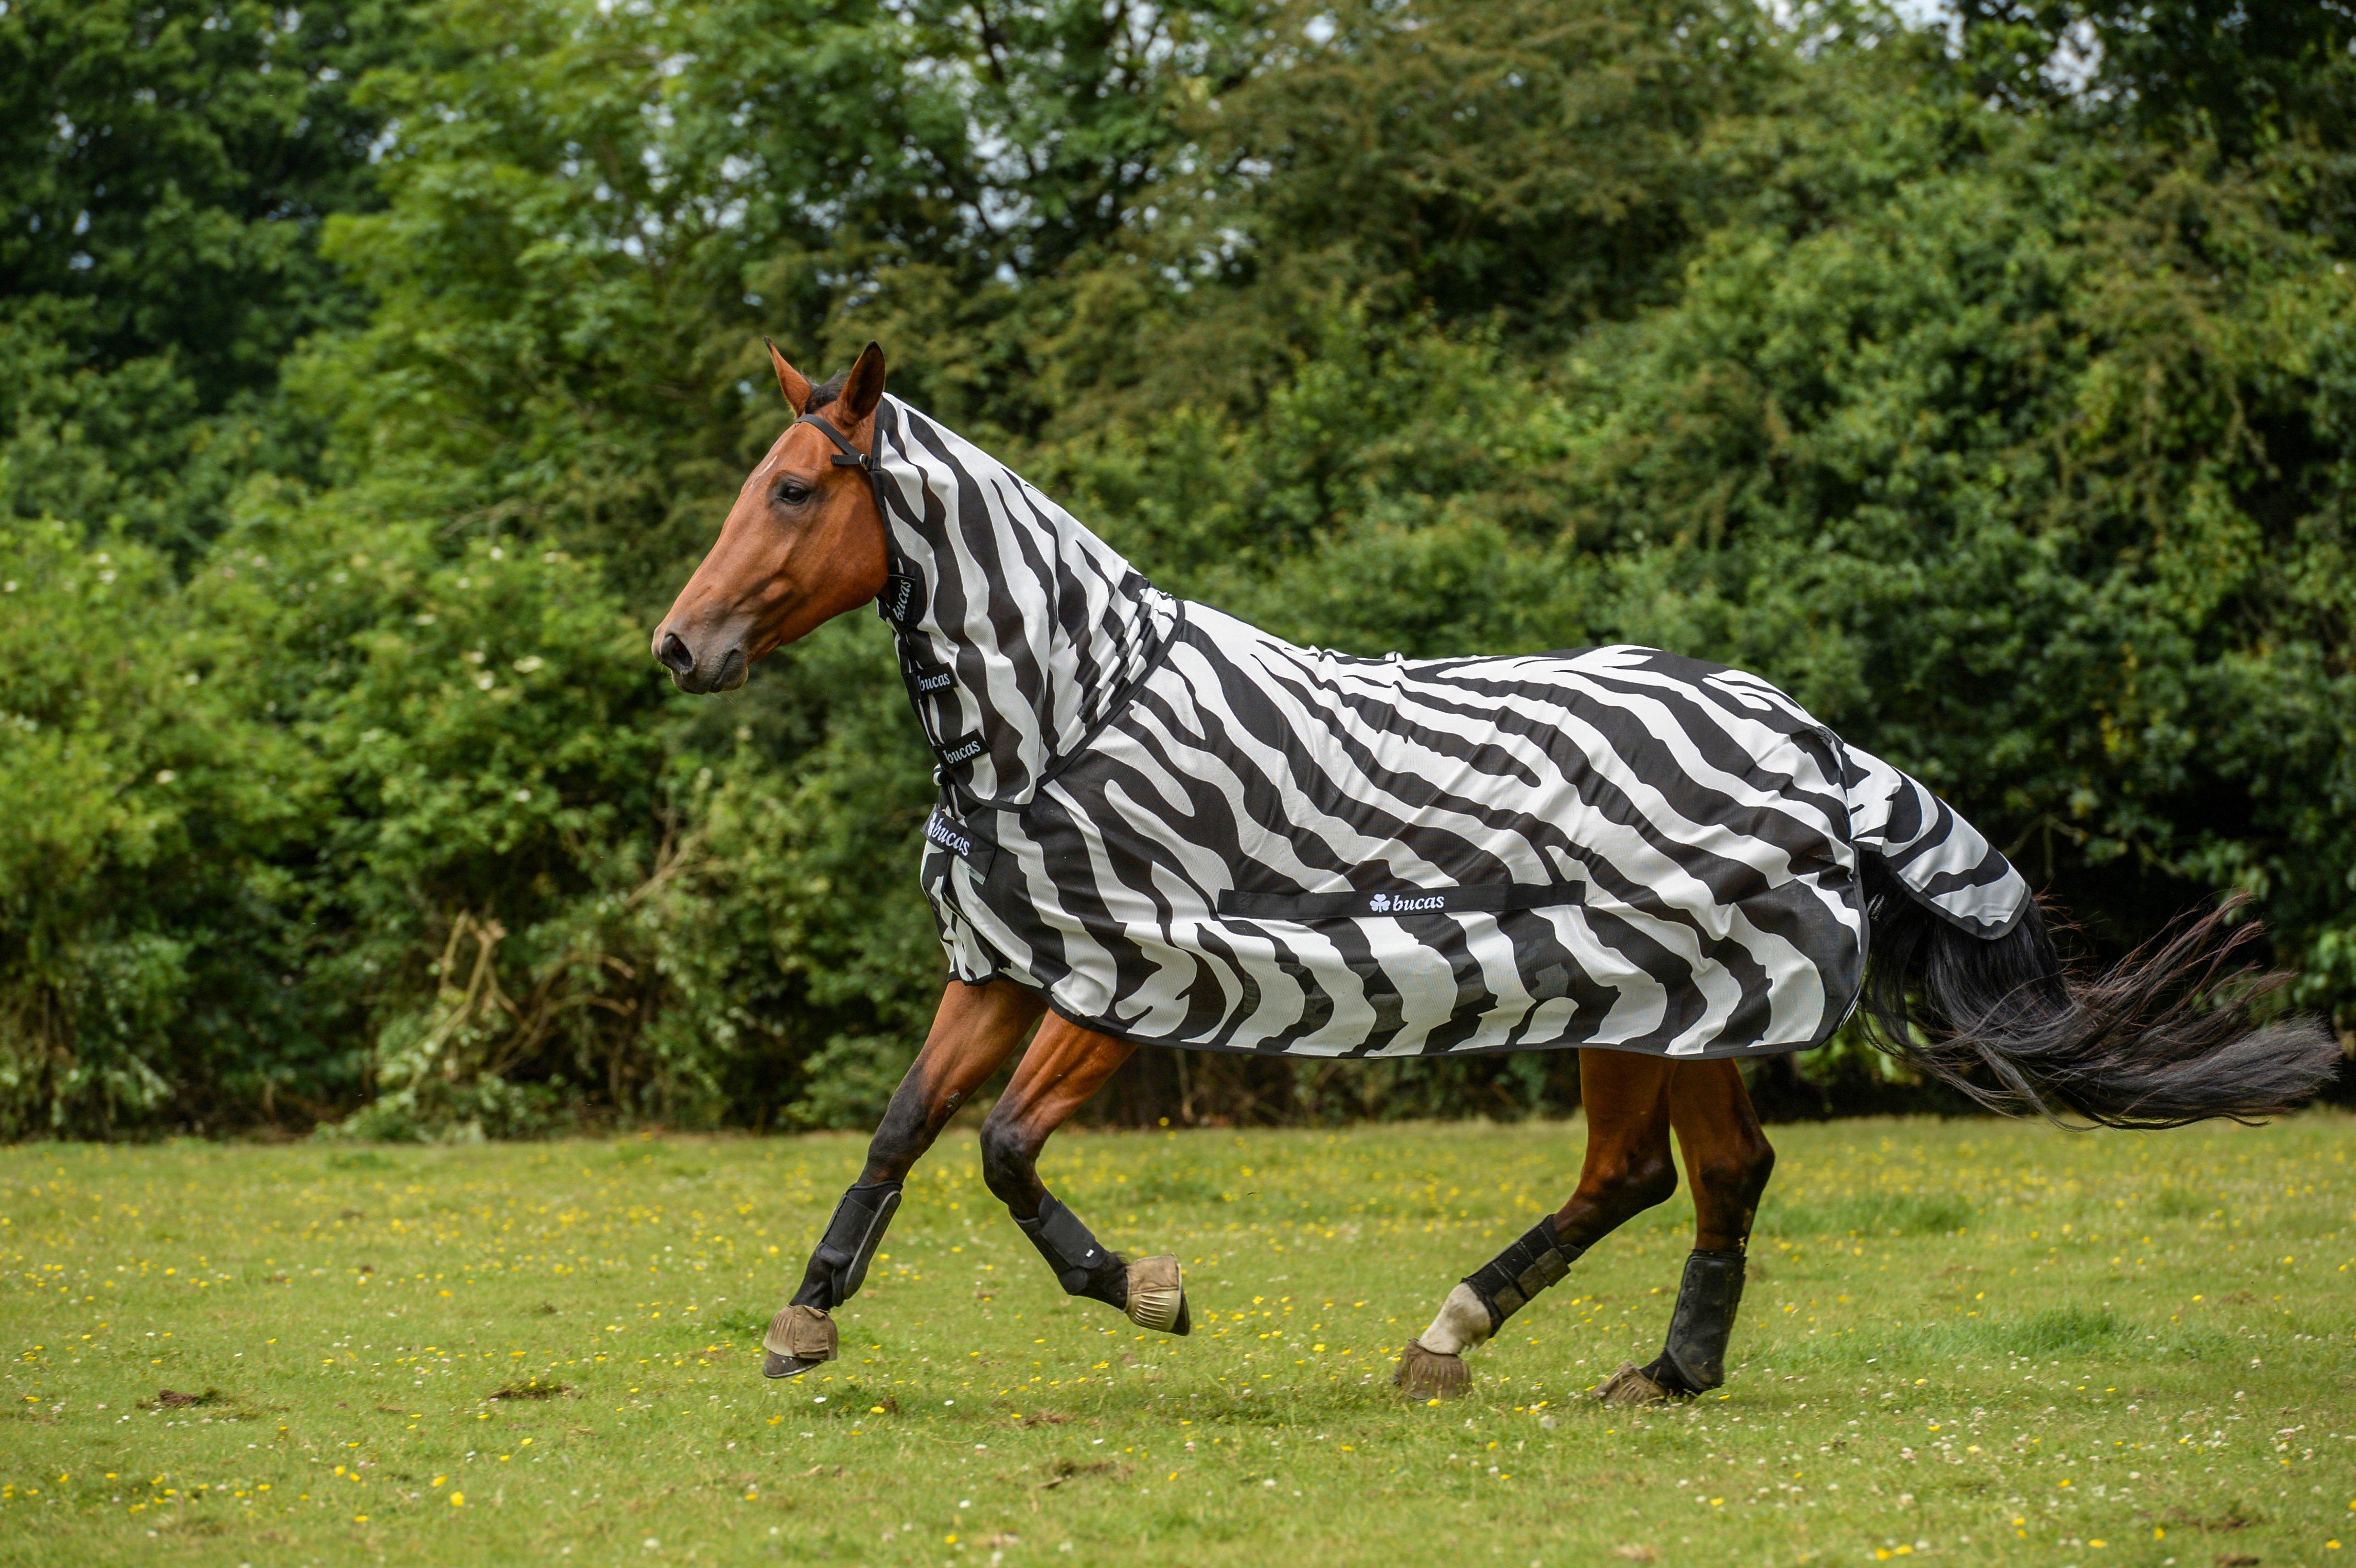 bucks-zebra-fly-sheet-hudson-equine